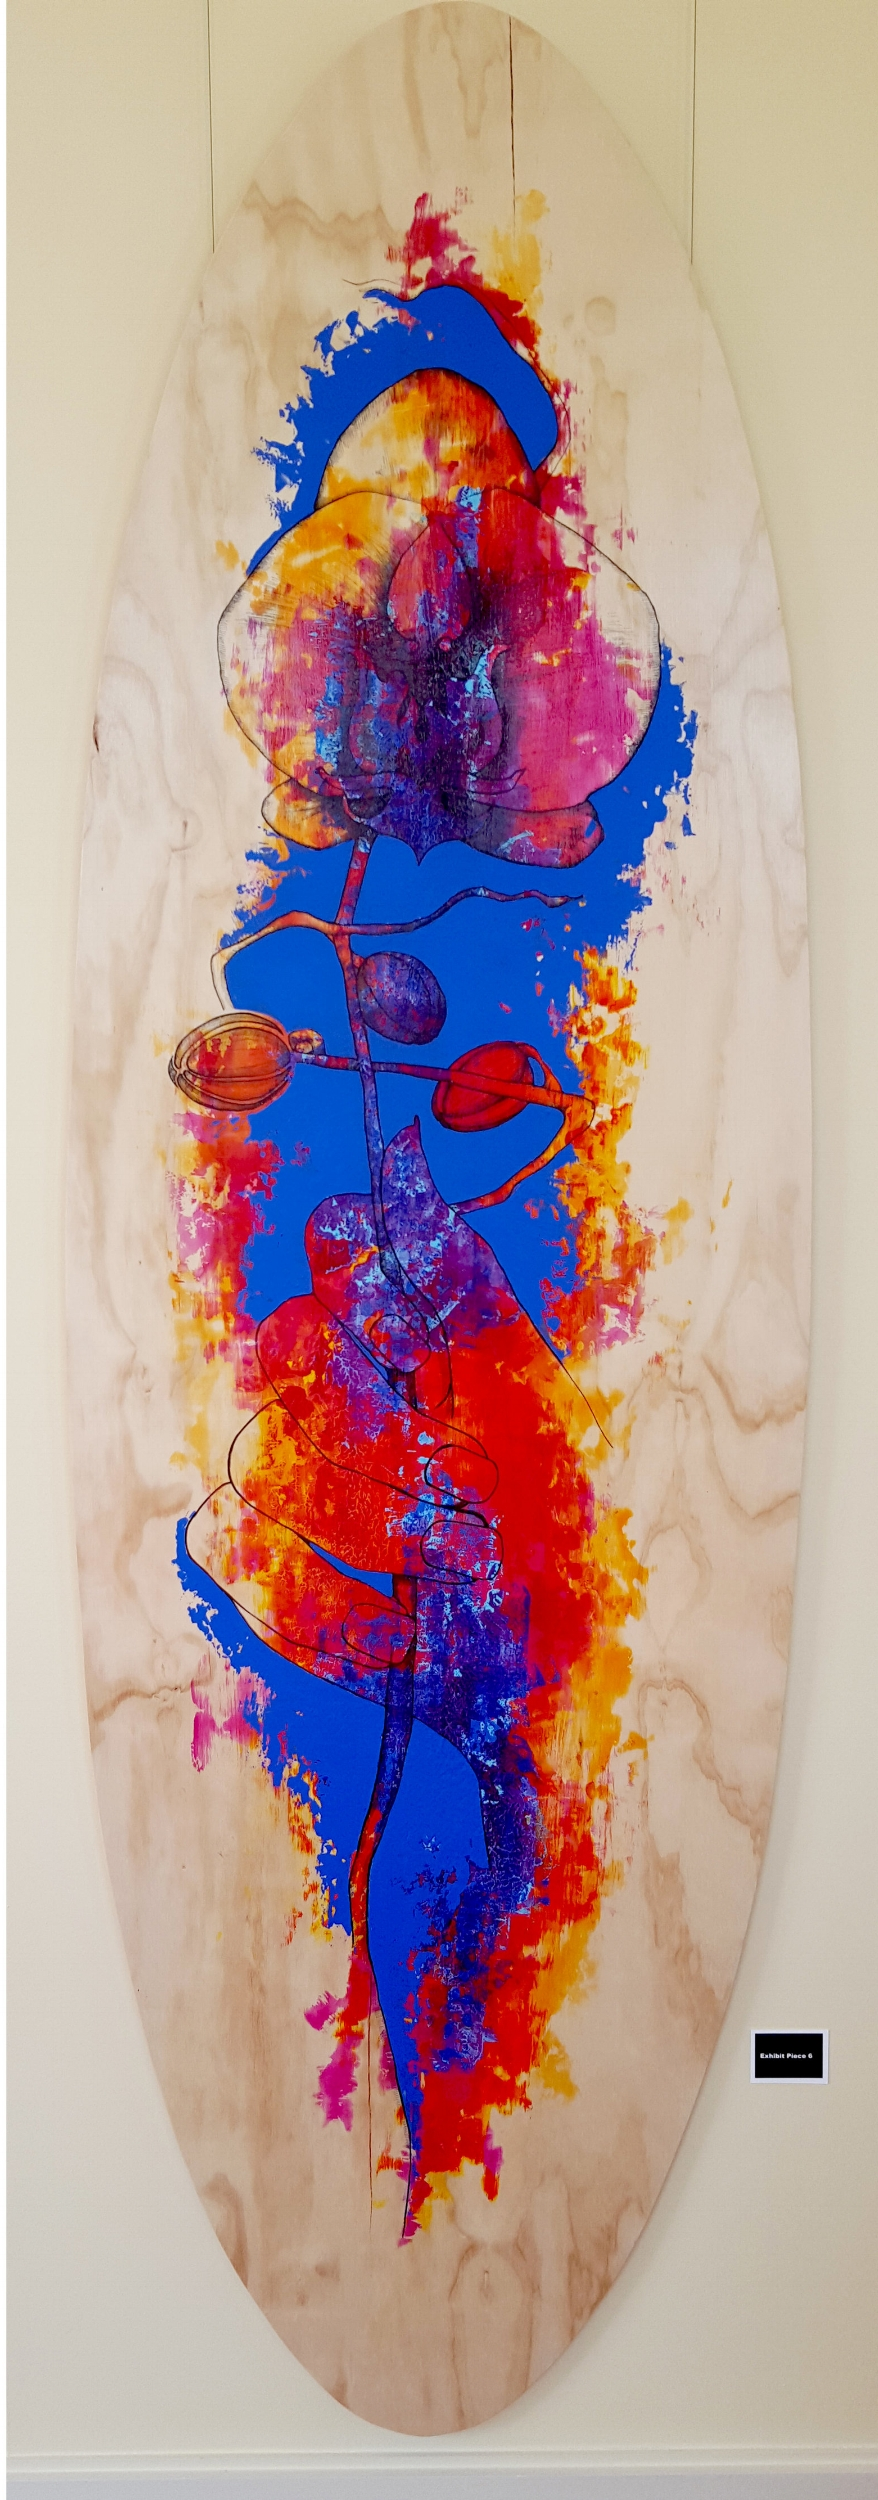 Exhibition Piece 6